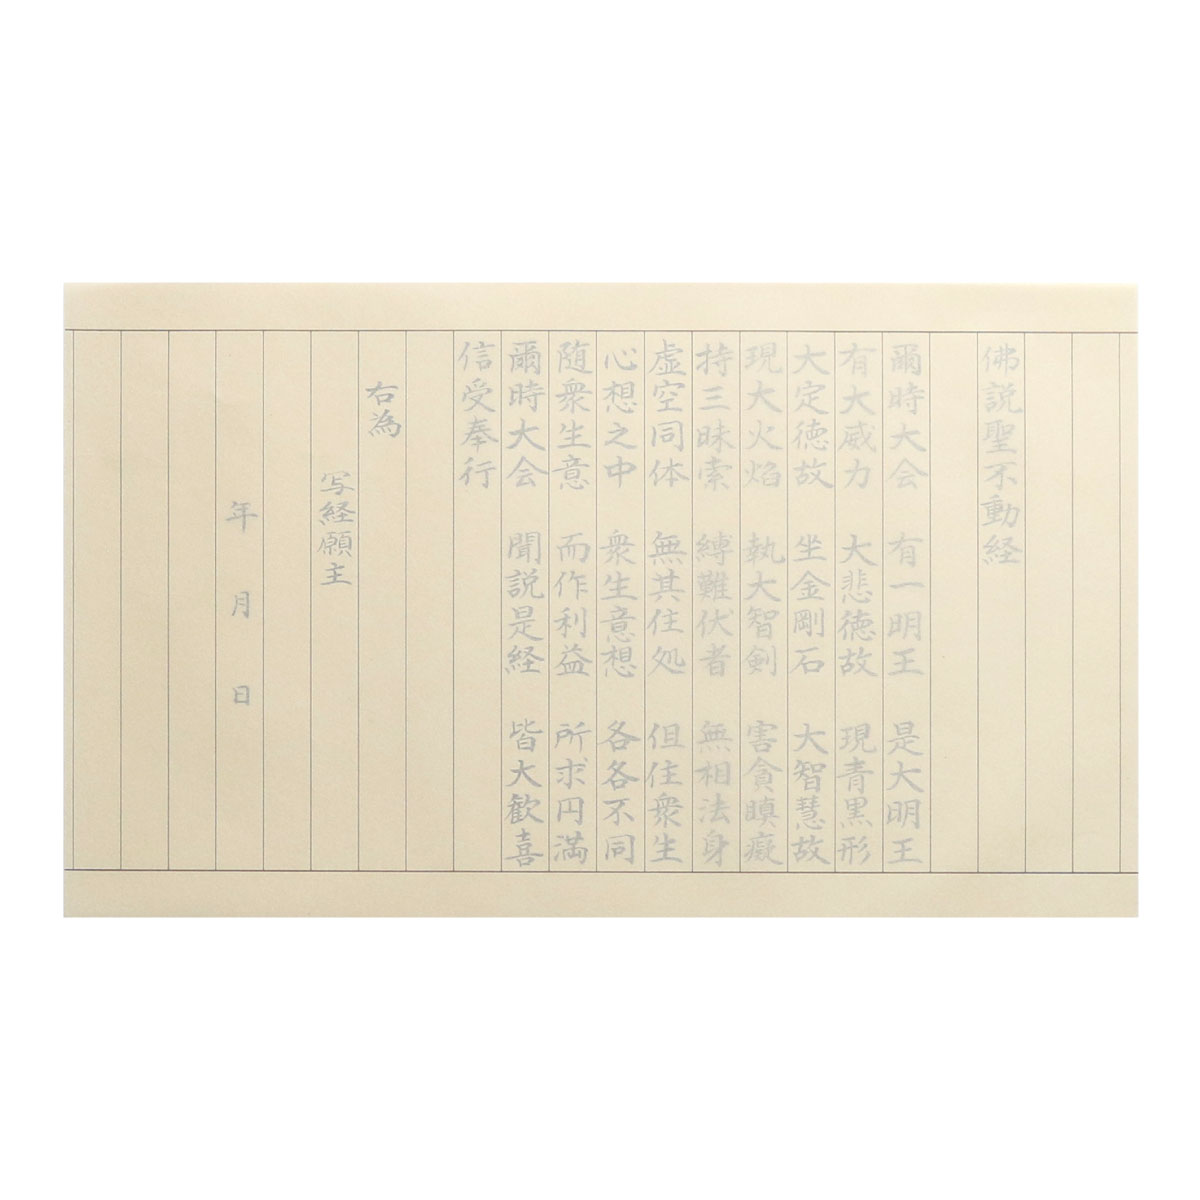 写経用紙 不動経